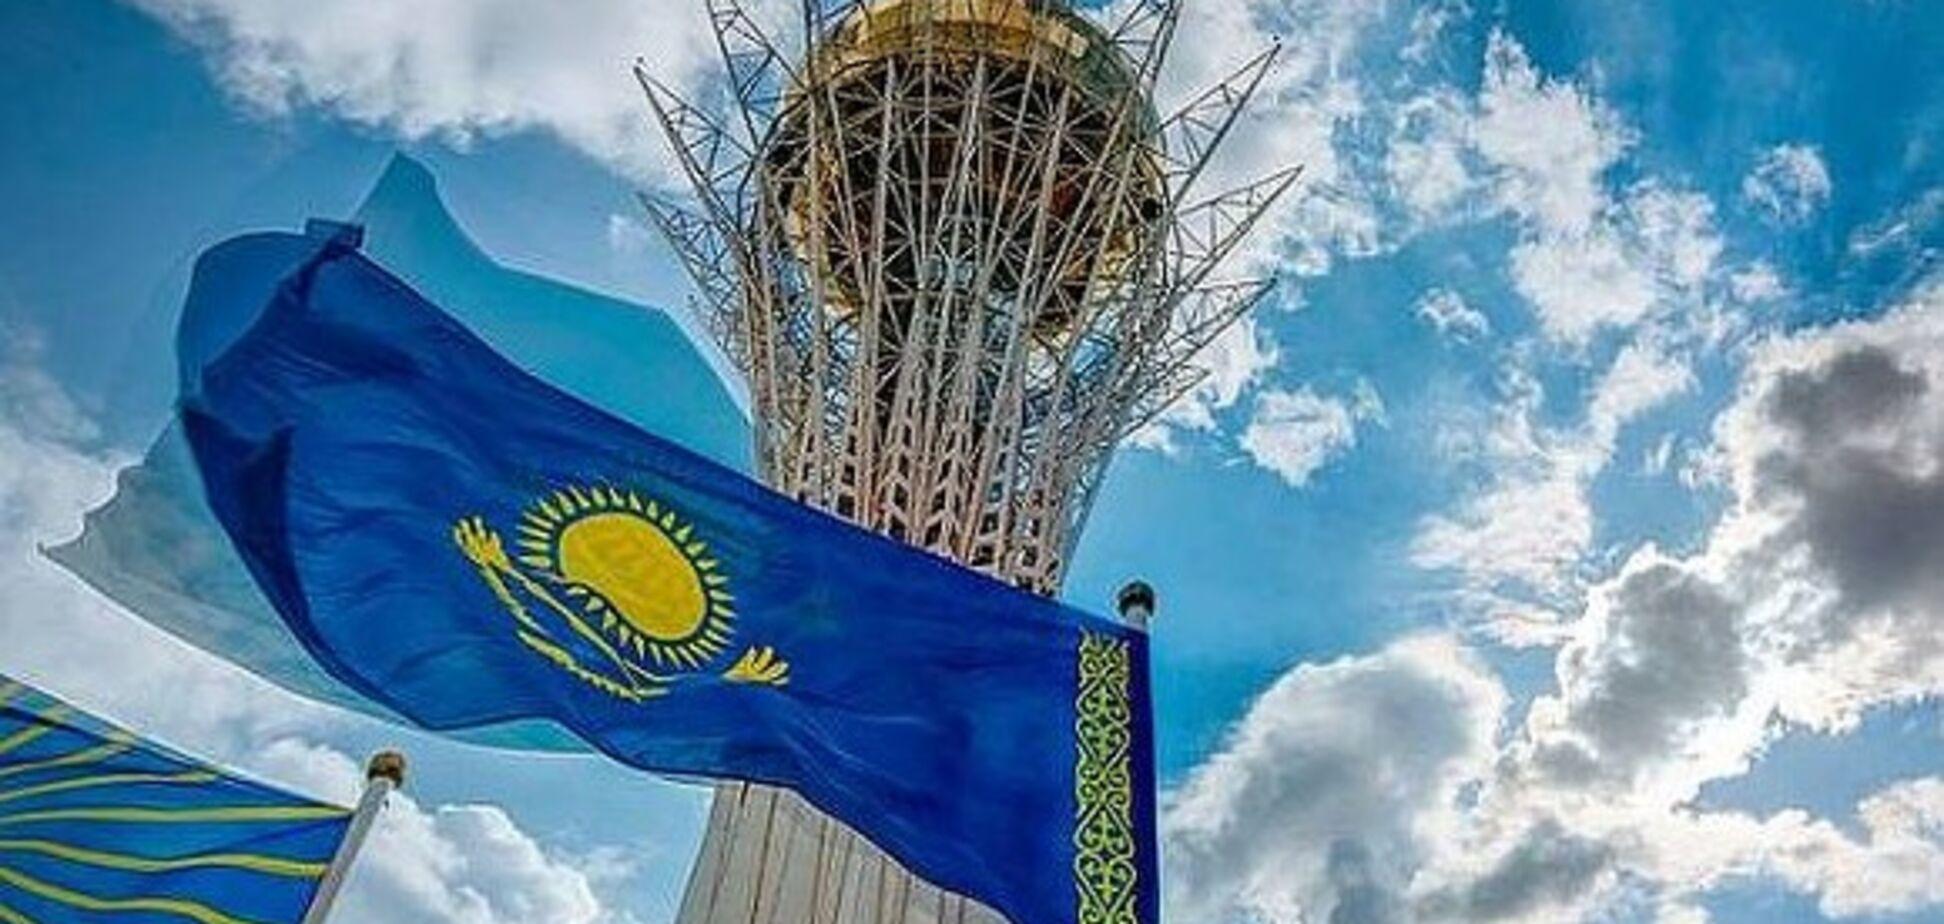 'Казахстан поділити': ідеолог 'російської весни' заговорив про смерть Назарбаєва